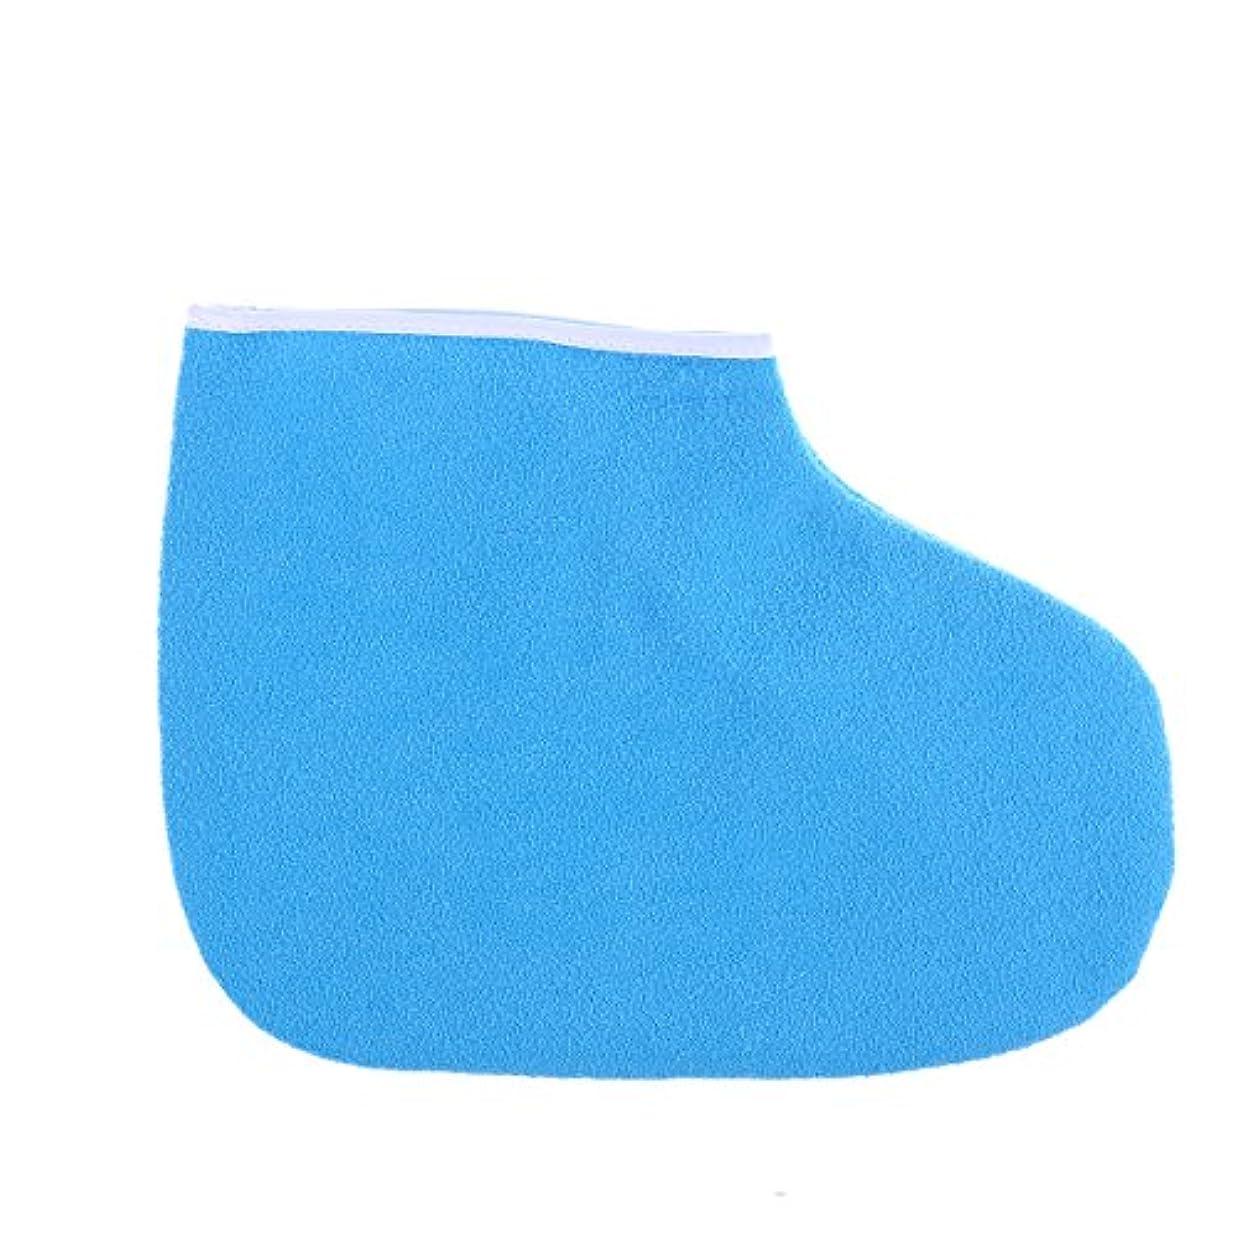 コントローラ豊かなコストHEALLILY パラフィンブーティワックスバスフットスパカバー温熱療法絶縁ソフトコットン保湿フットストラップ(ブルー)